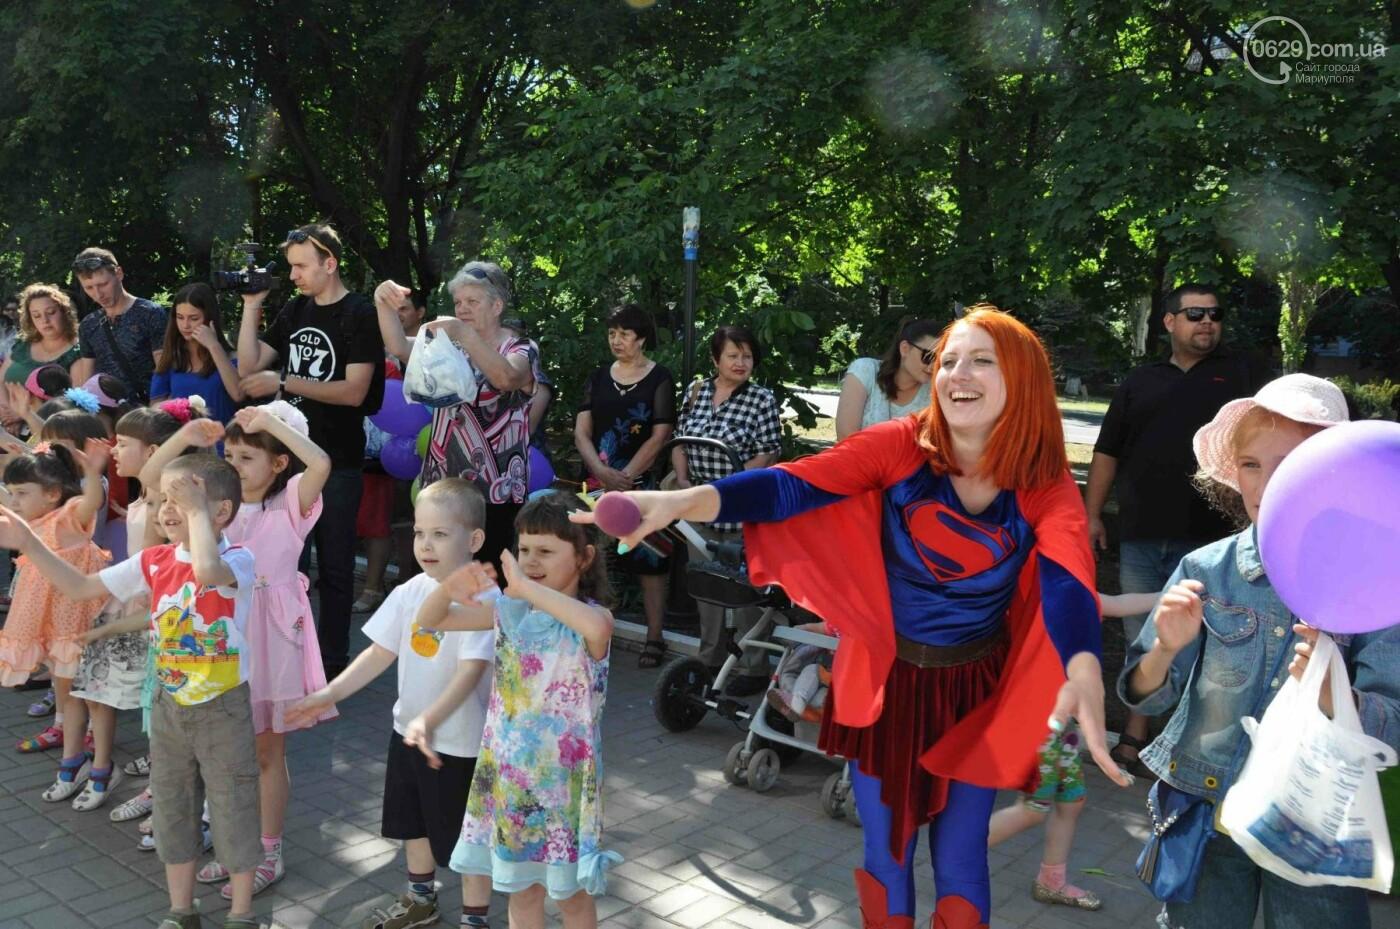 В аптеке «Азовфарм» провели праздник для детей и разыграли призы, фото-17